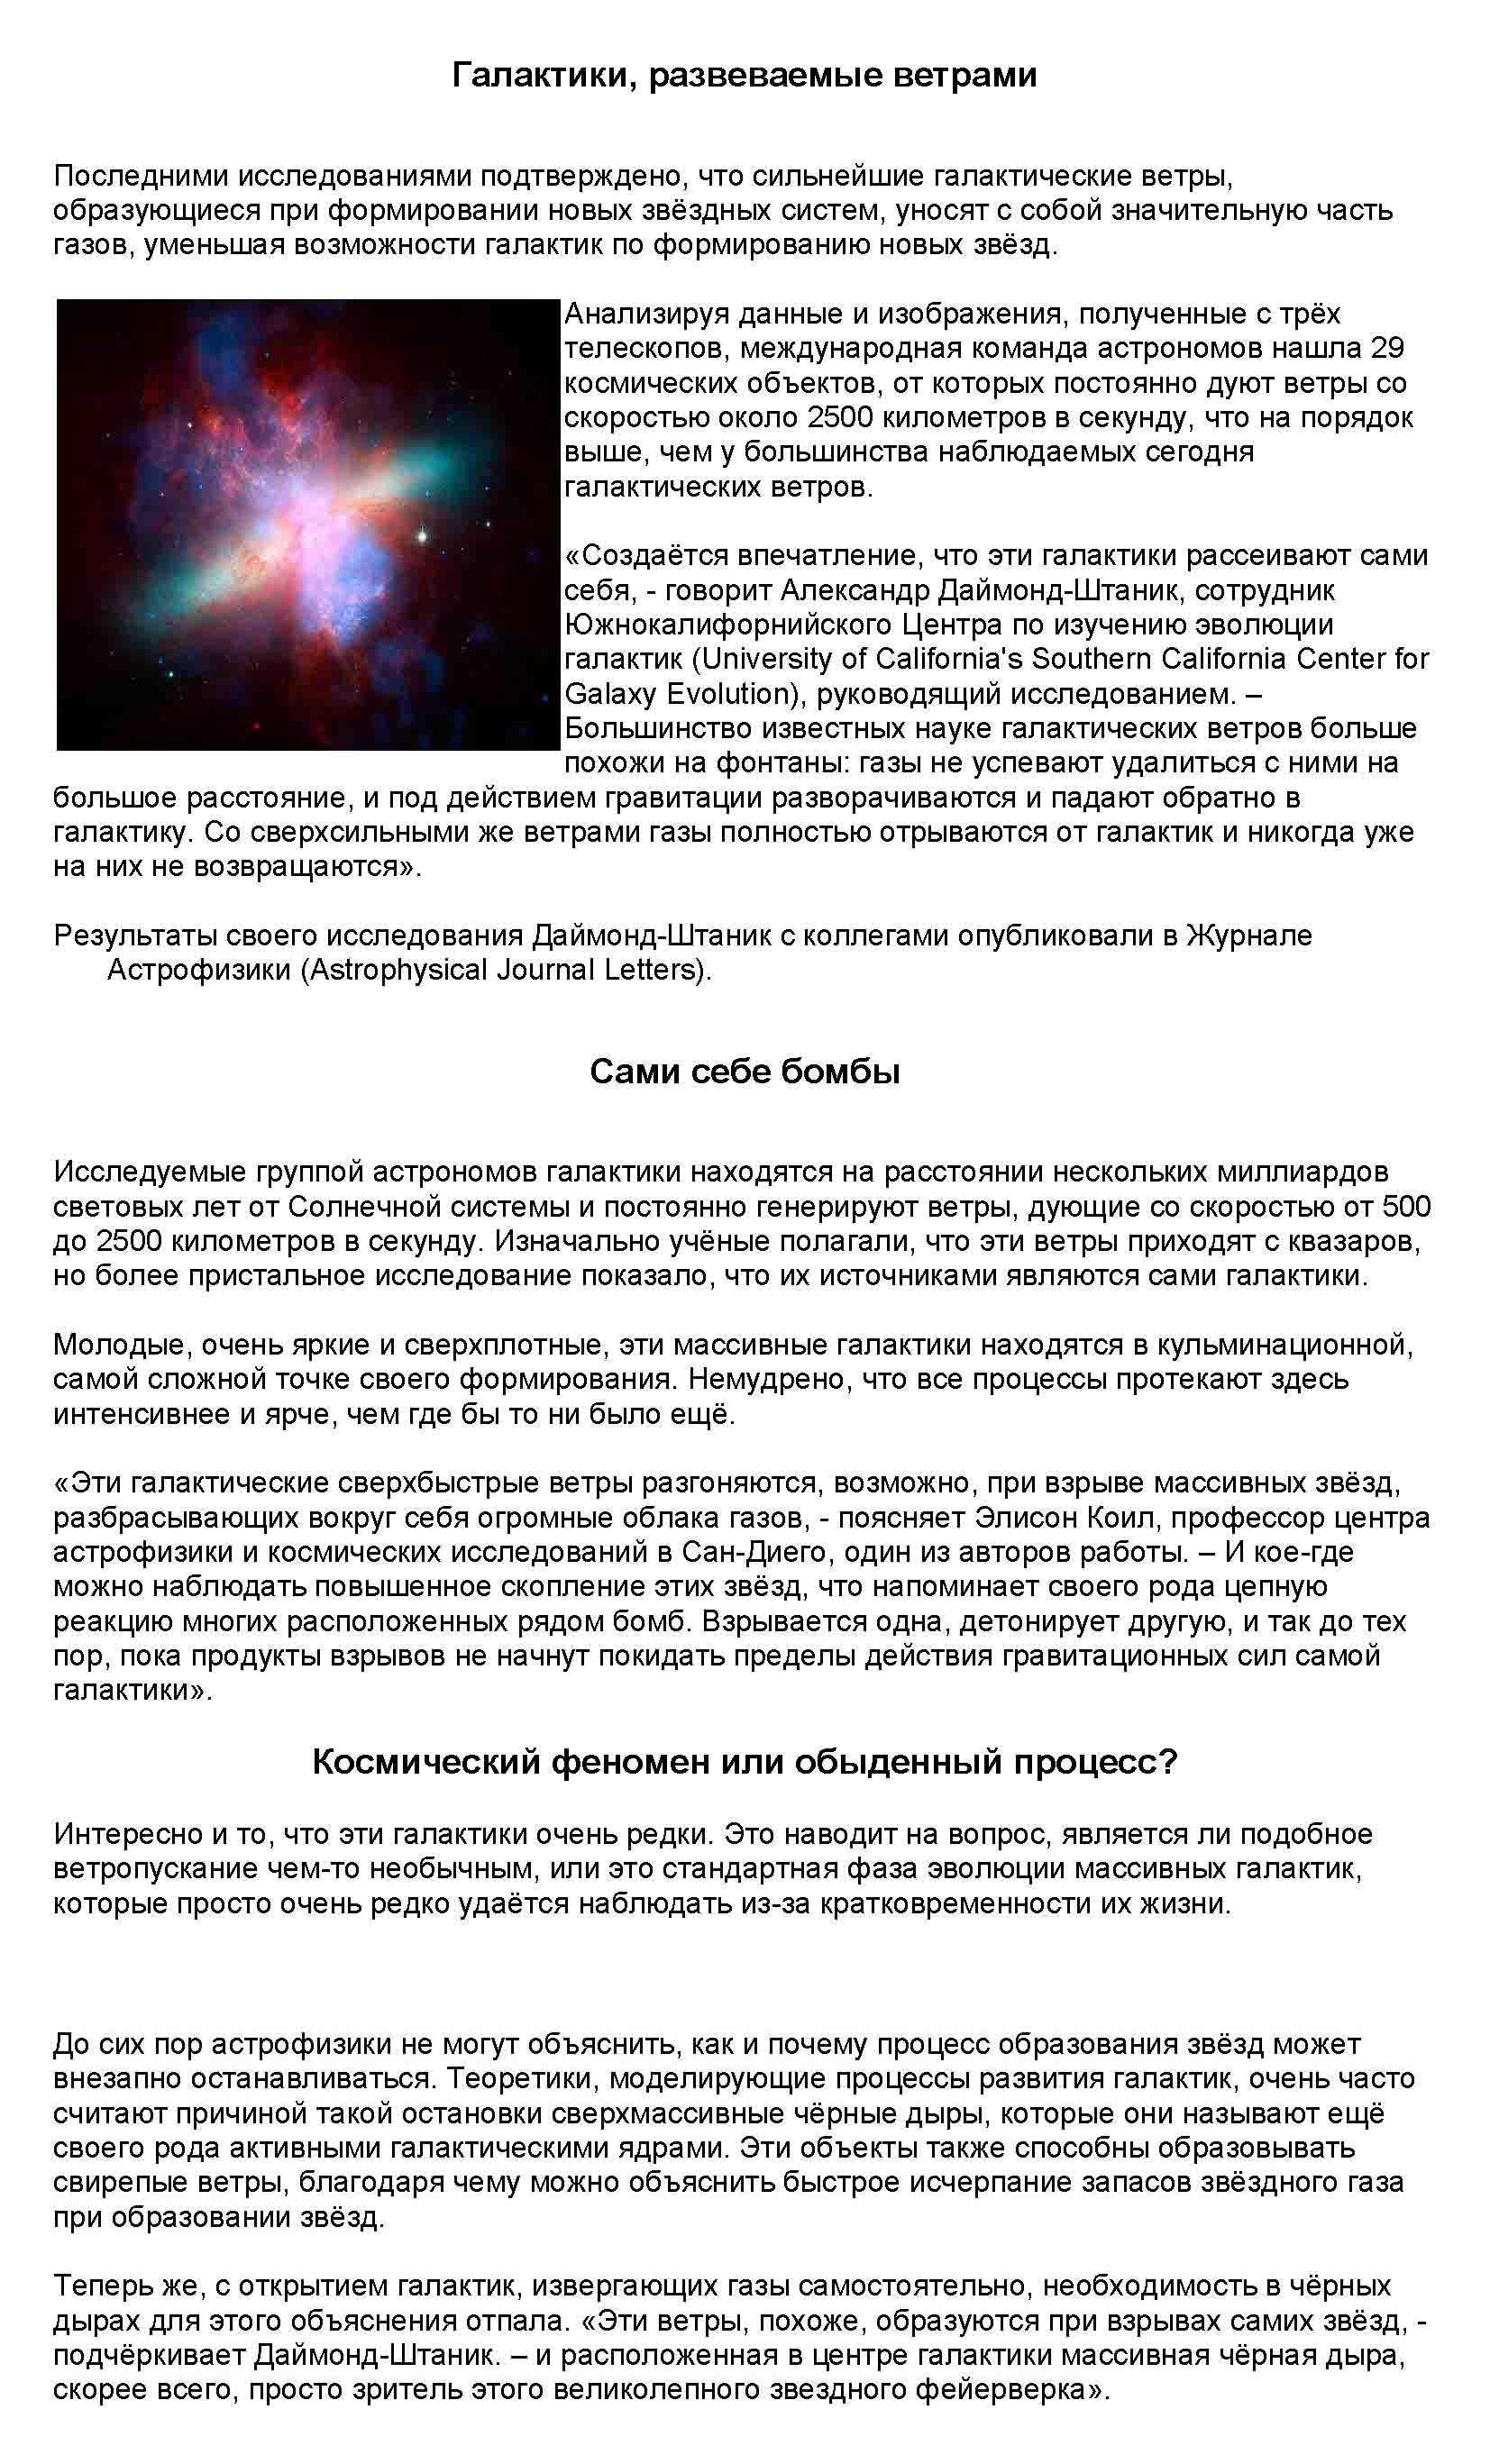 Перевод, астрономическая тематика